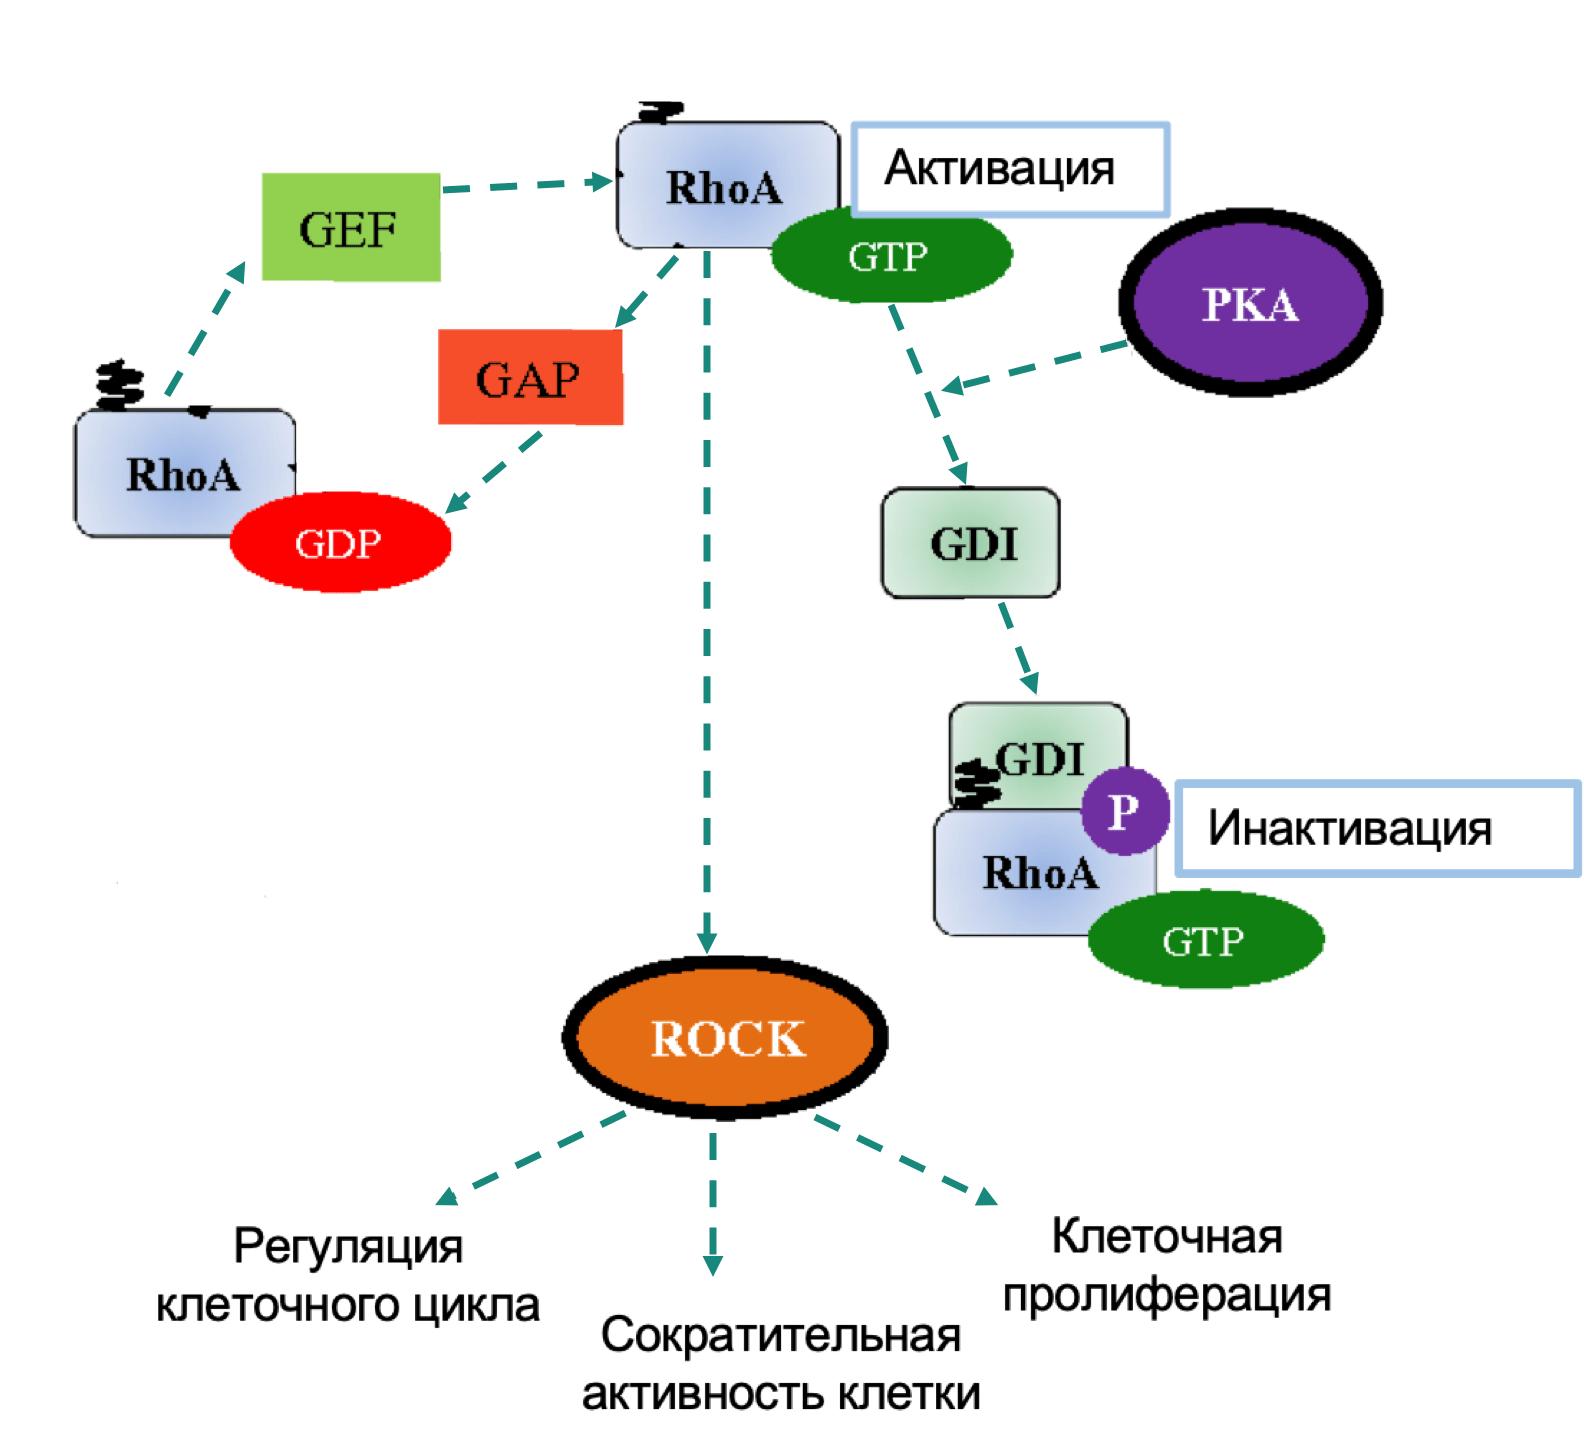 Участие RHOA в патогенезе злокачественных новообразований